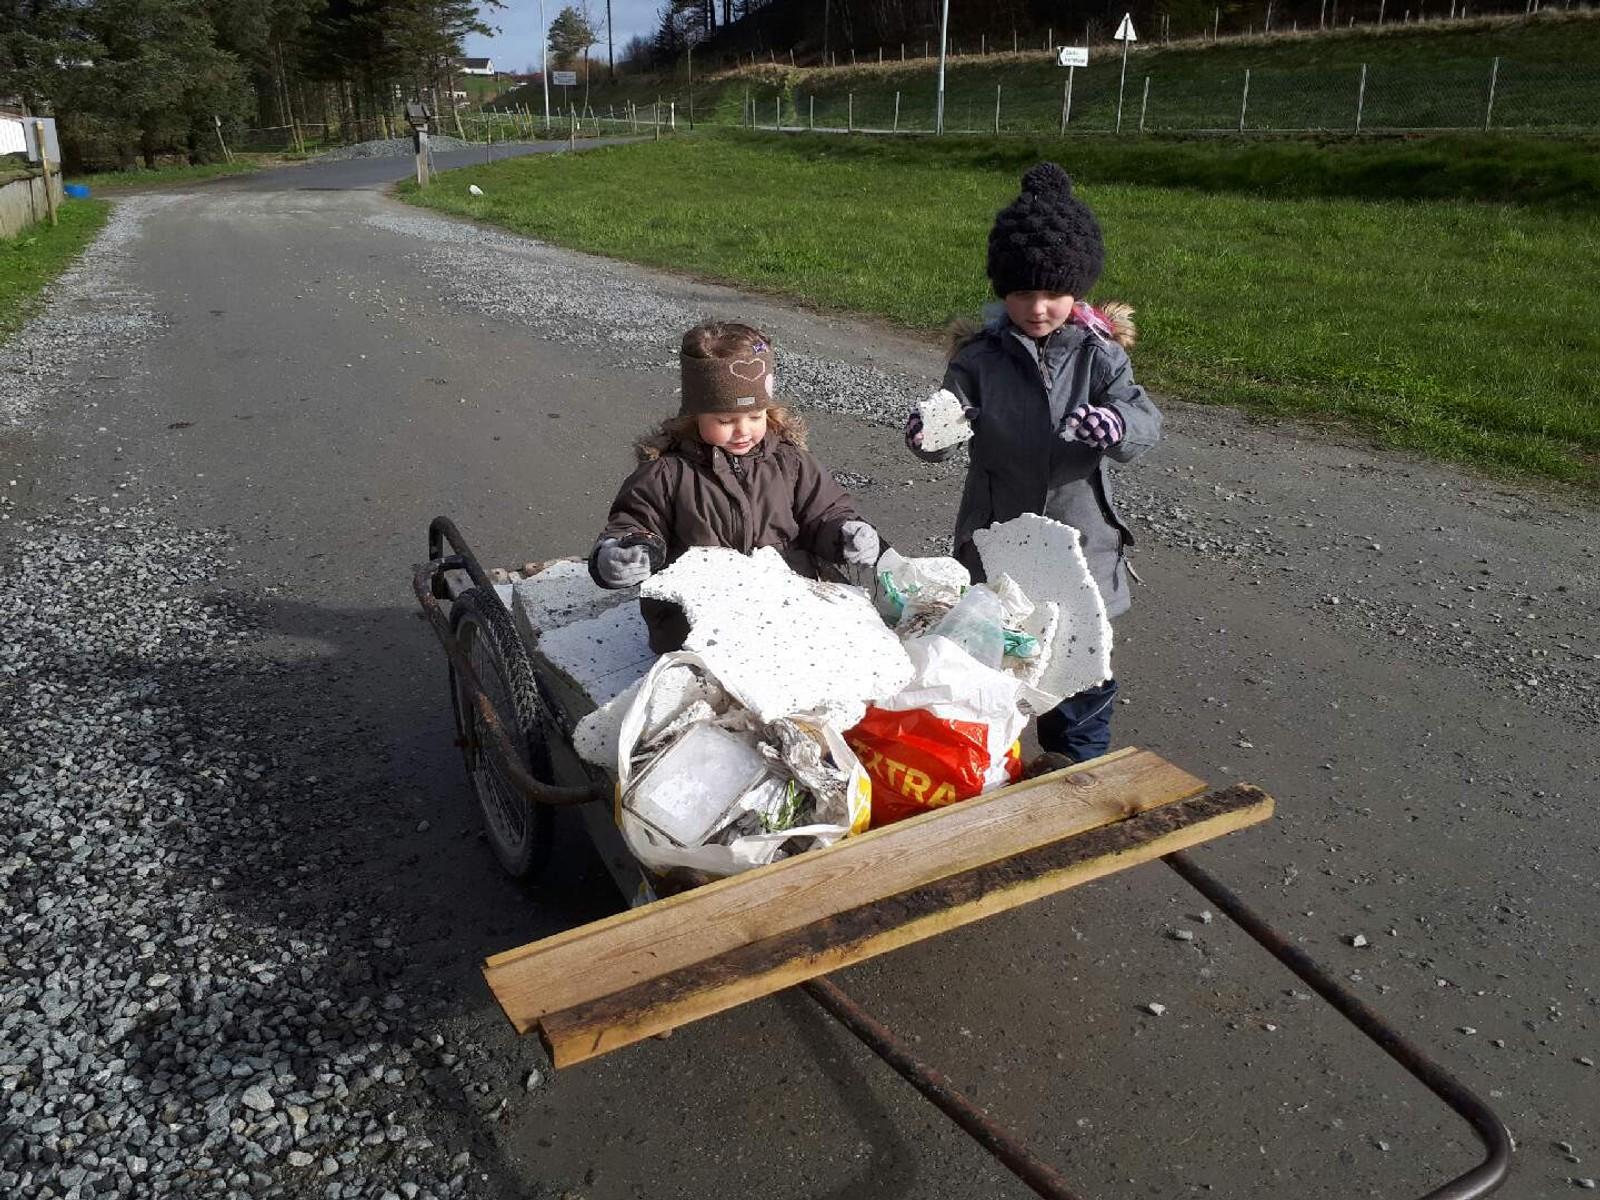 Mormor, Tilda (5) og Sine (3) tok med seg søppel på vei til barnehagen i dag. Mye isopor flyr med vinden fra anleggsområdet til Rema 1000 på Vagle, og ender i veigrøfta på vei mot Røyrvik gårdsbarnehage.